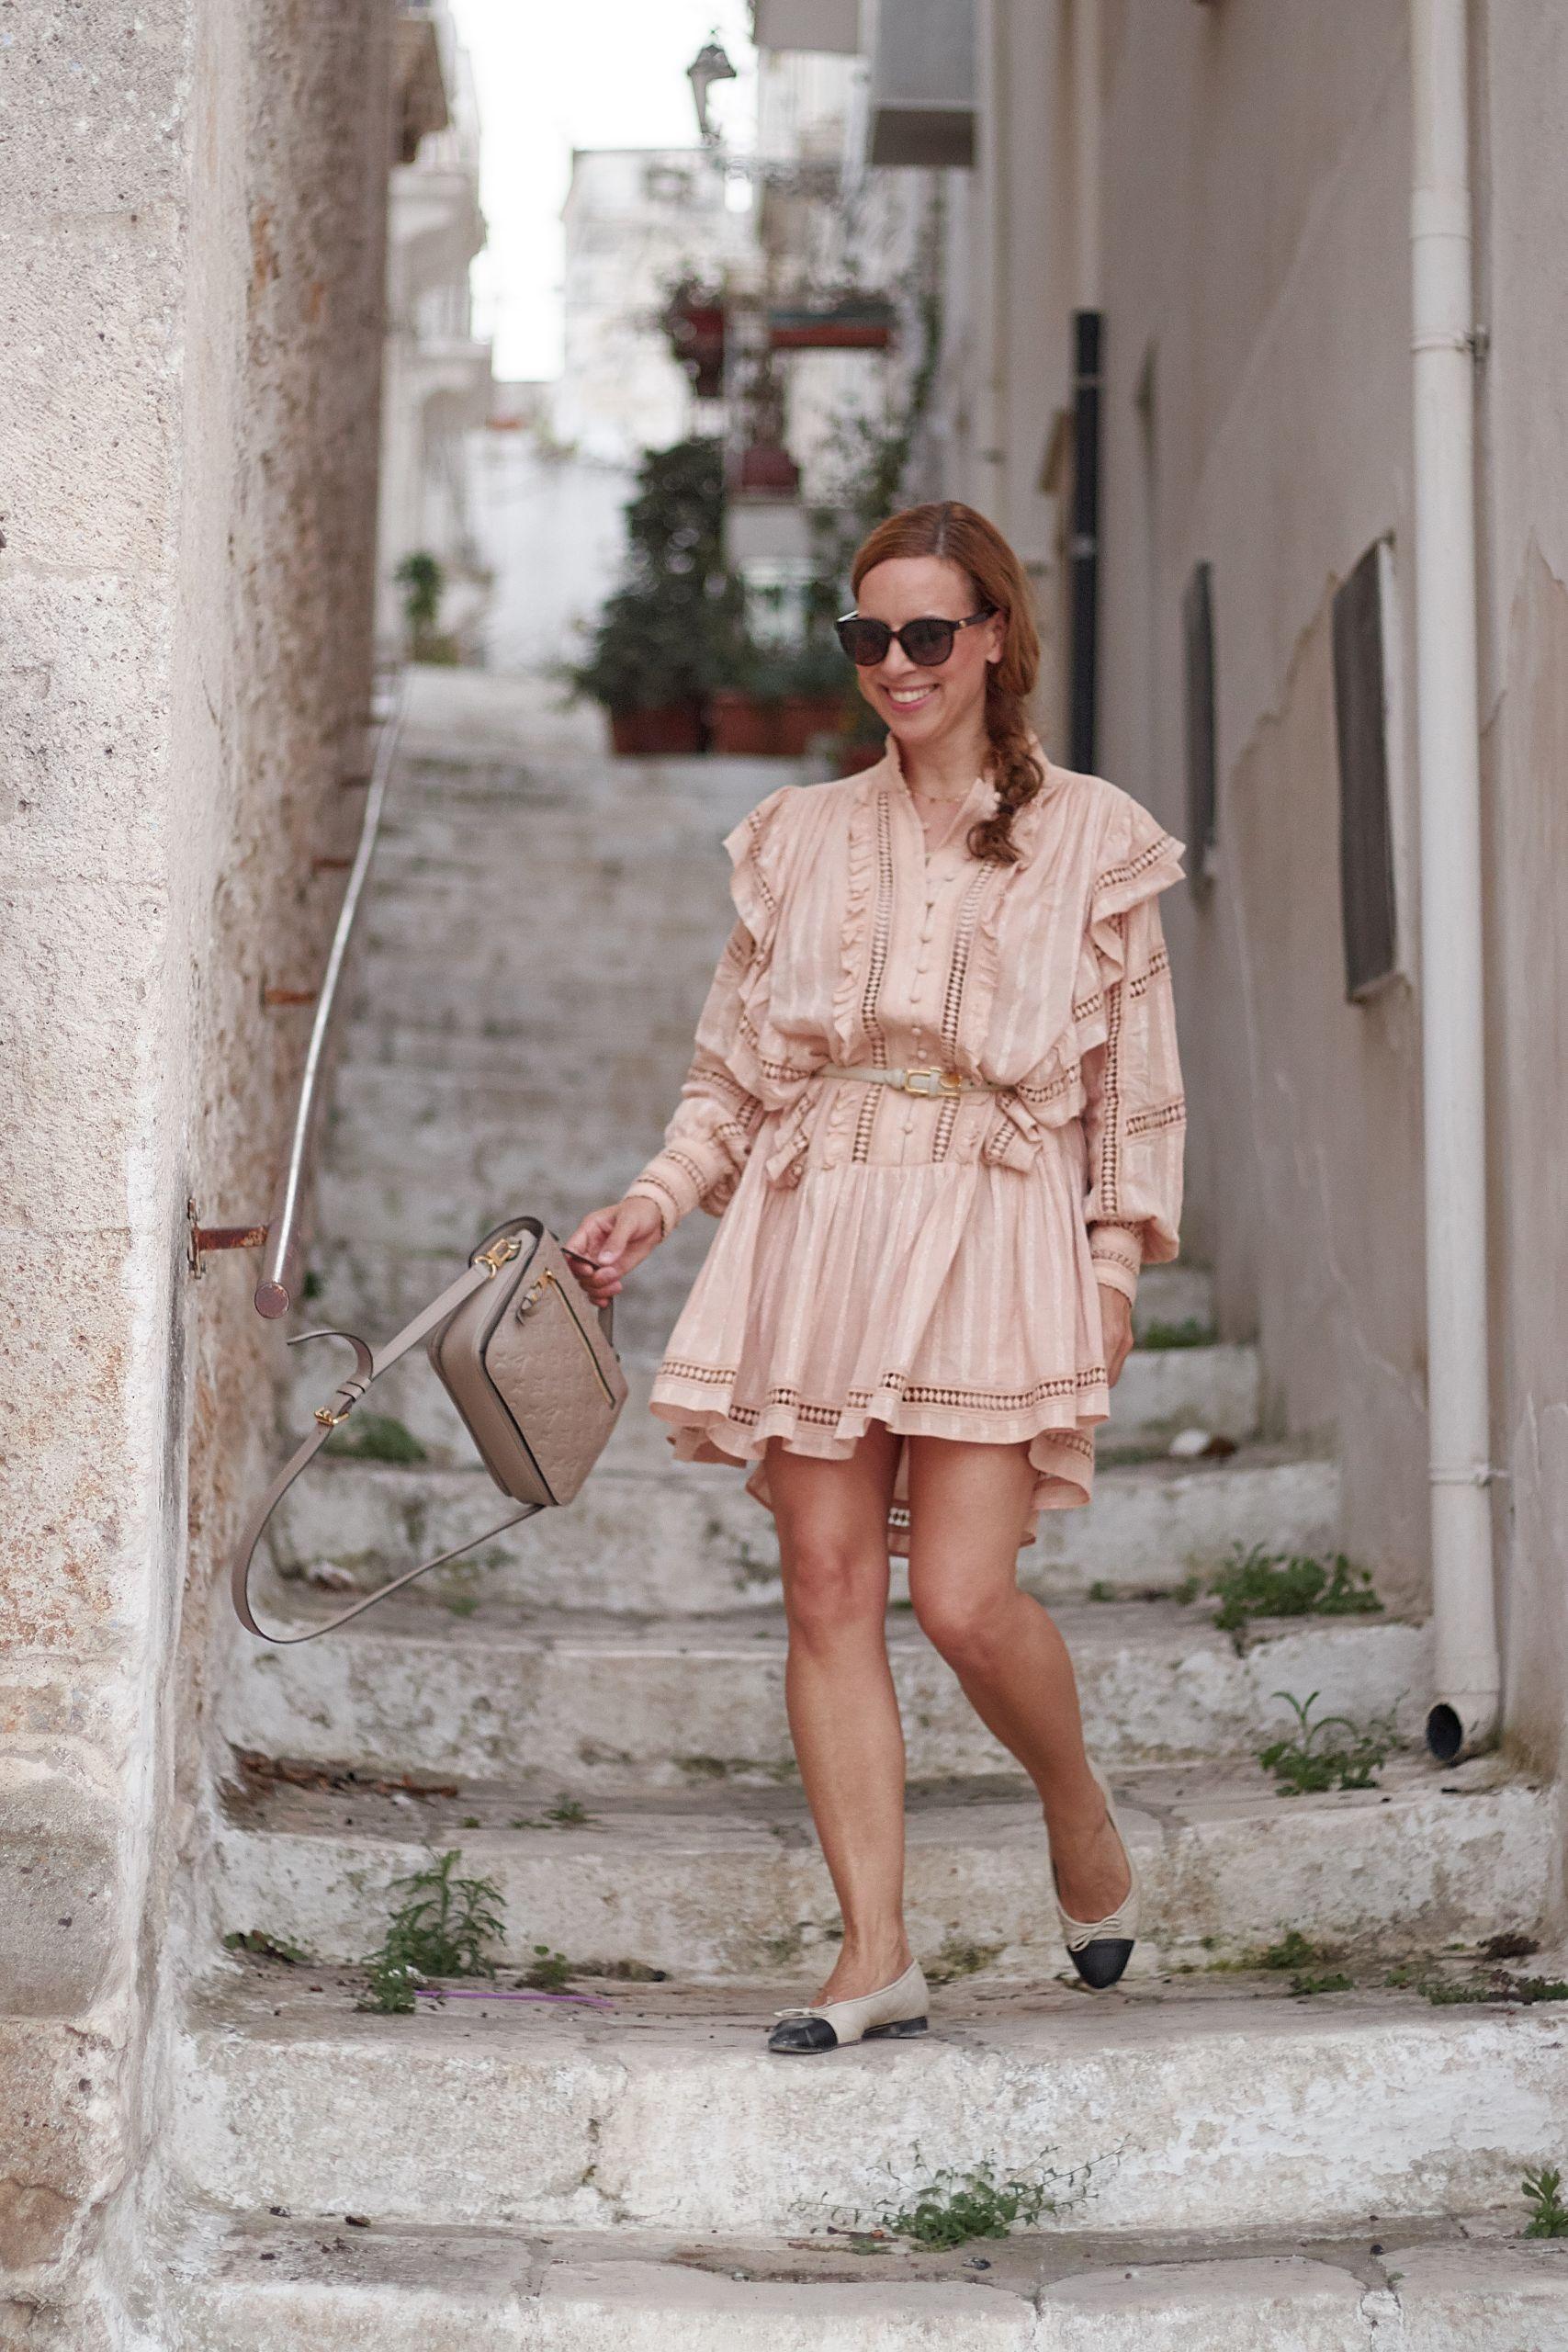 Project AJ117 Boho Kleid Dress zu Brunate Ballerinas und LV Metis Handtasche in Ostuni